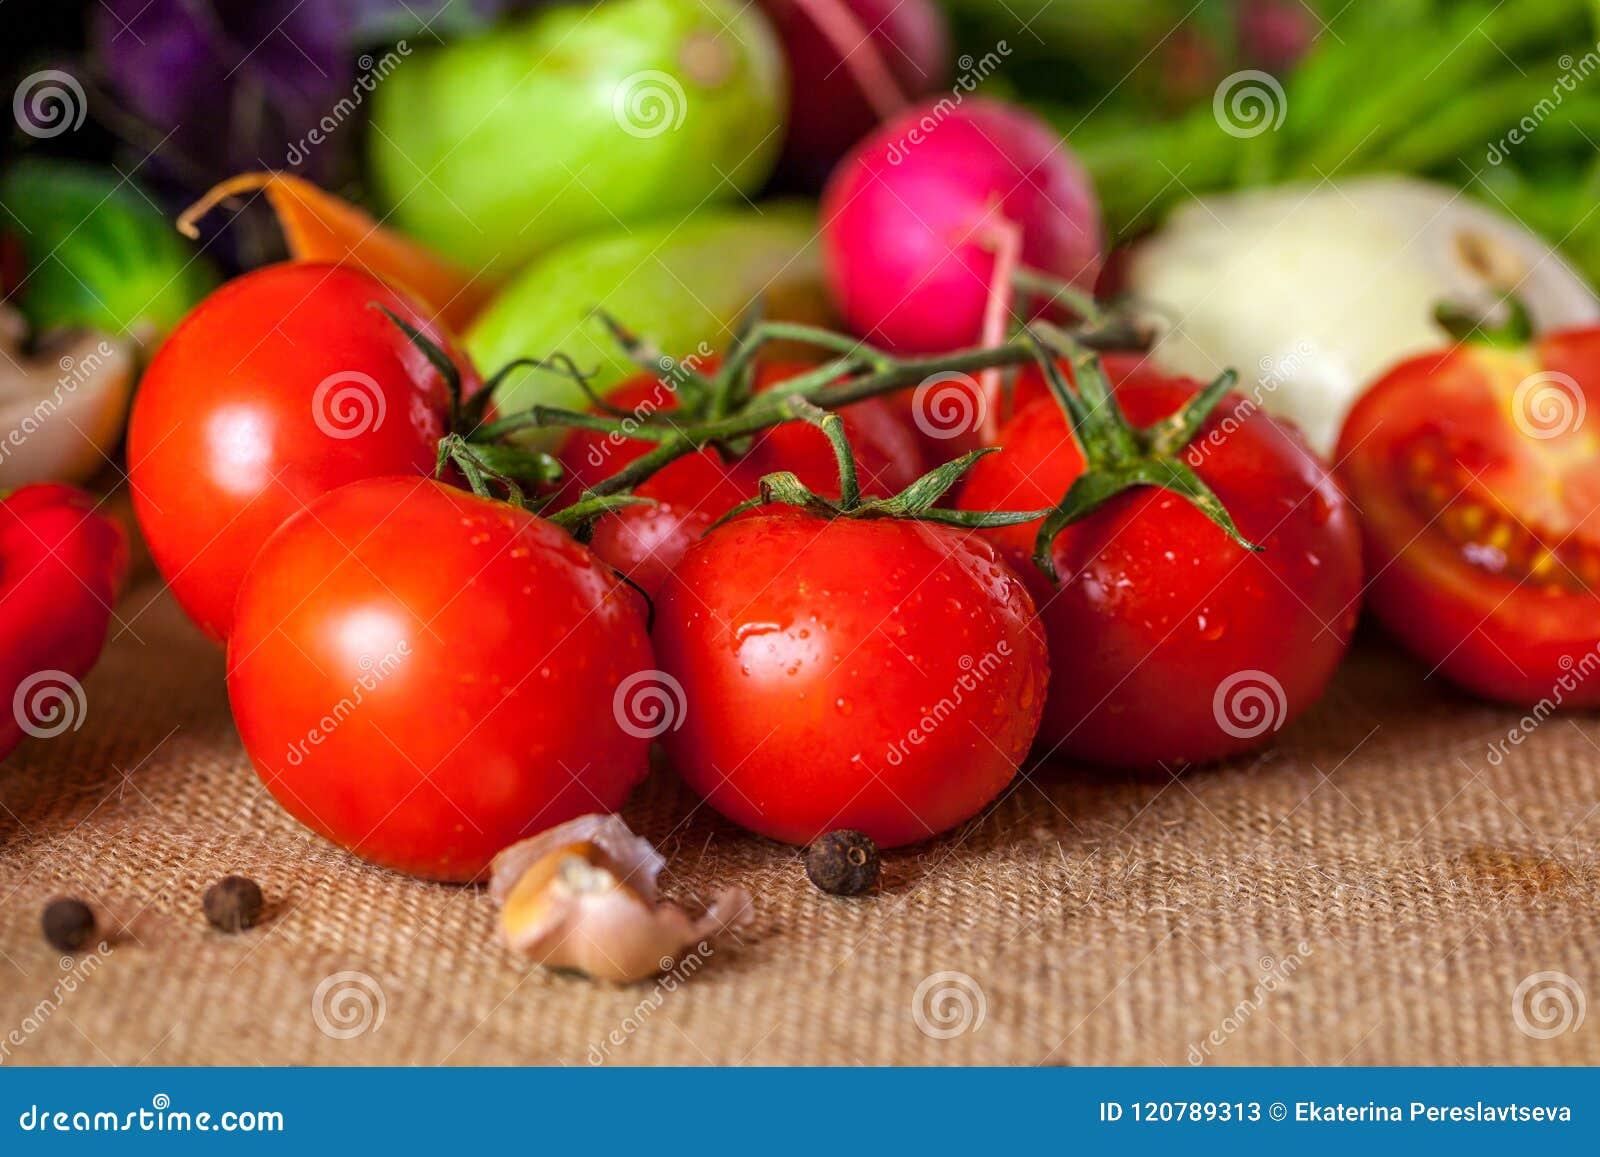 Tomates vermelhos e pimenta vermelha madura com gotas da água, conceito saudável do alimento